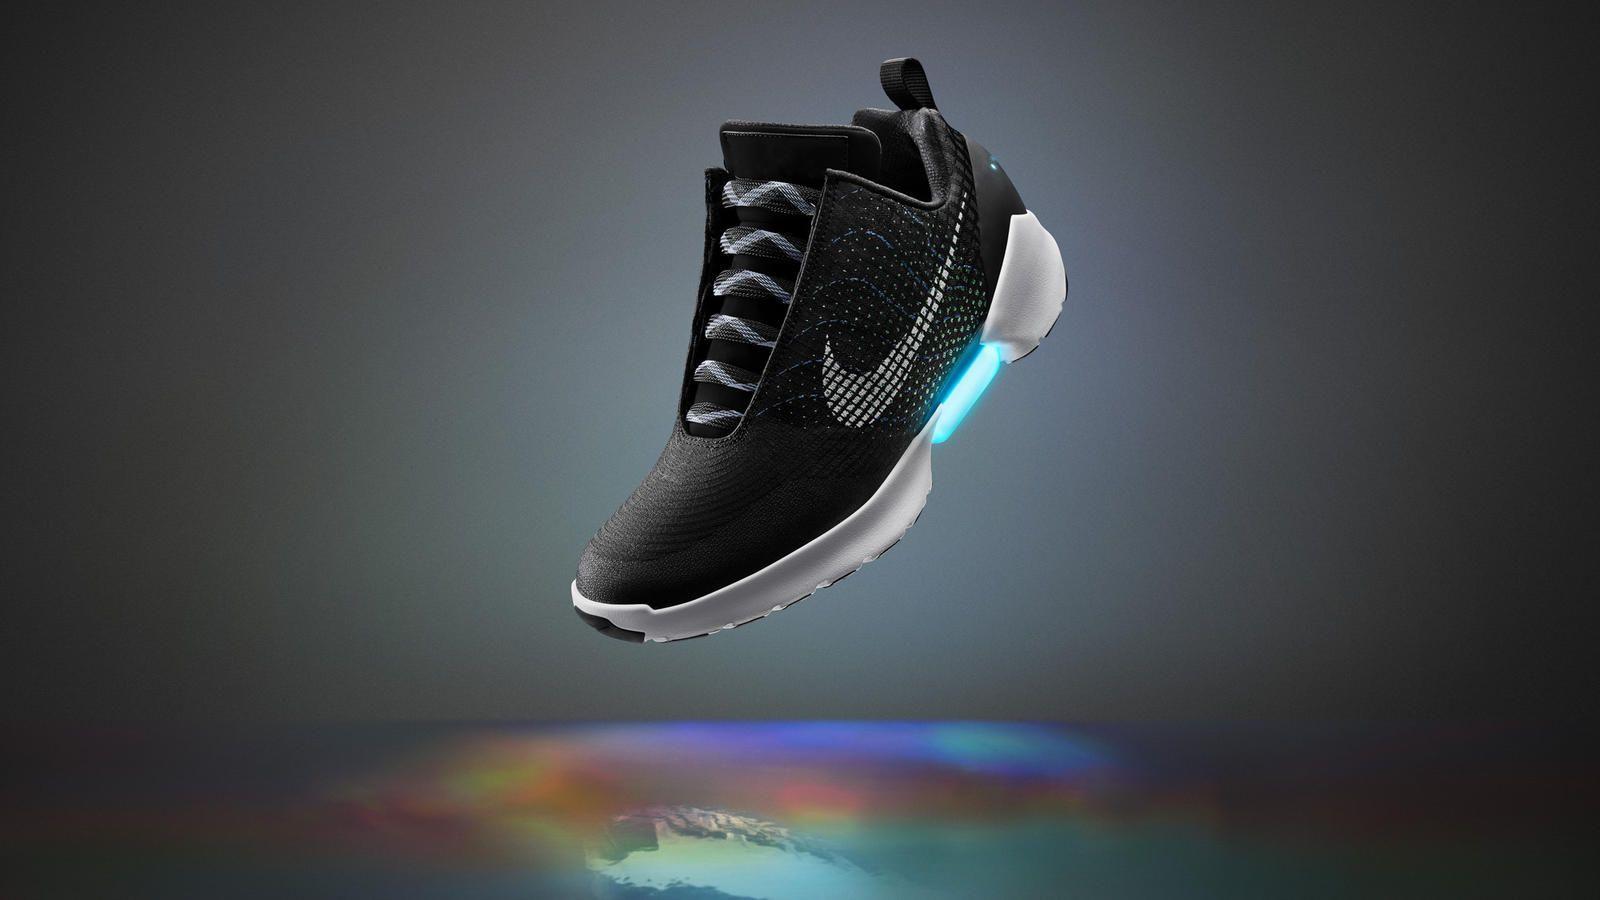 nike-hyperadapt-selflacing-shoes-fy16innosnowcapv2herortnoearlv1hd1600.jpg